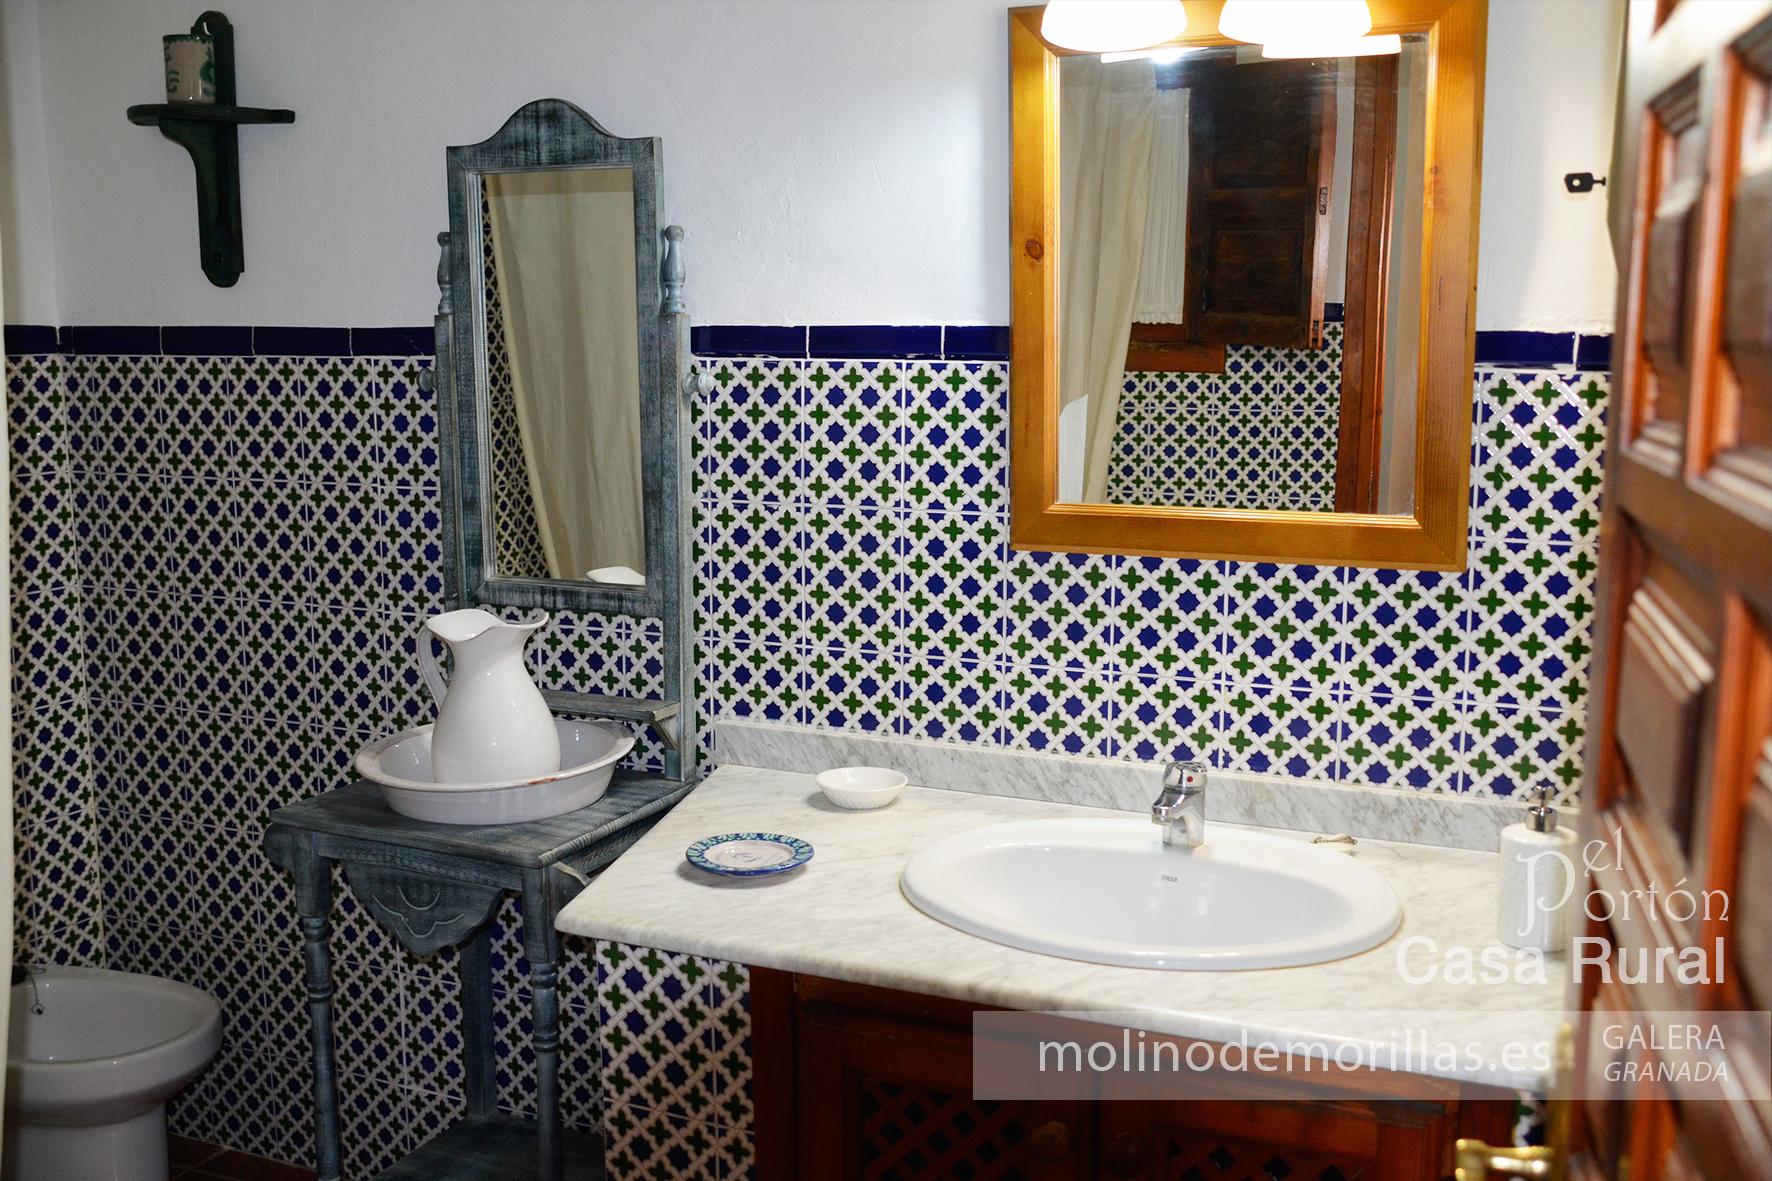 Baño de estilo árabe andaluz